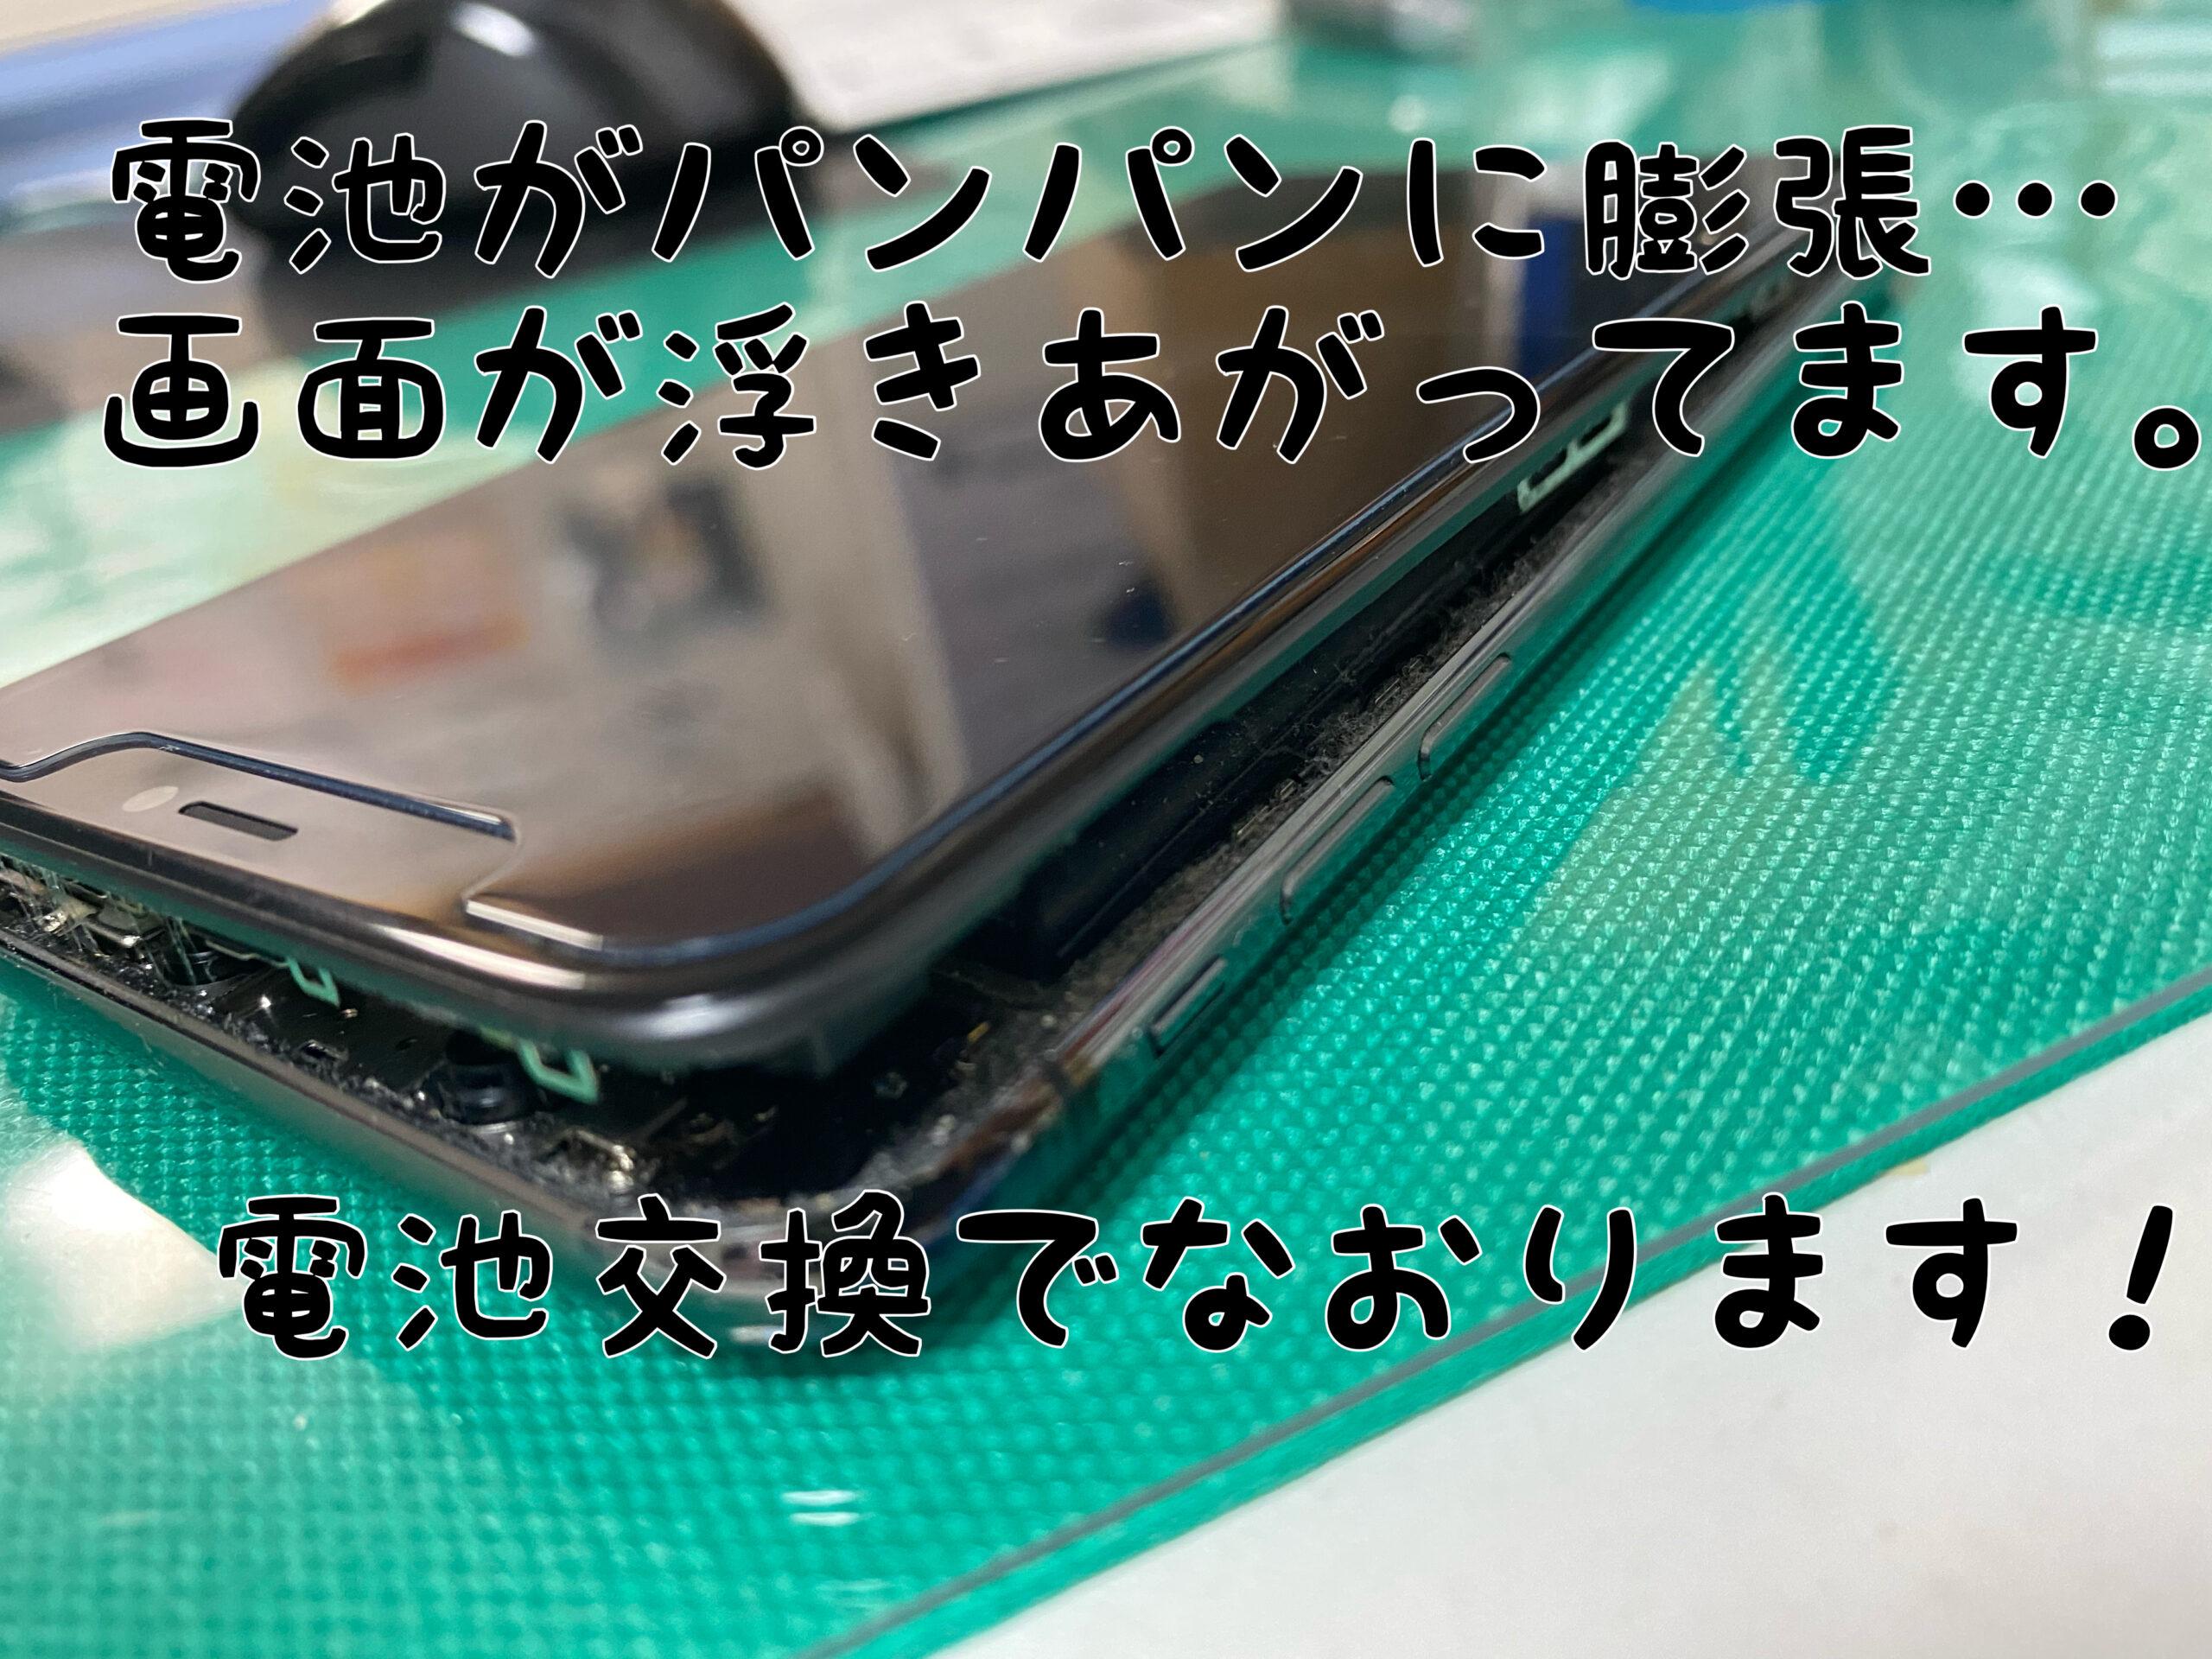 iPhone修理 江南 スマホ修理 ドンキホーテ 安い 格安 即日